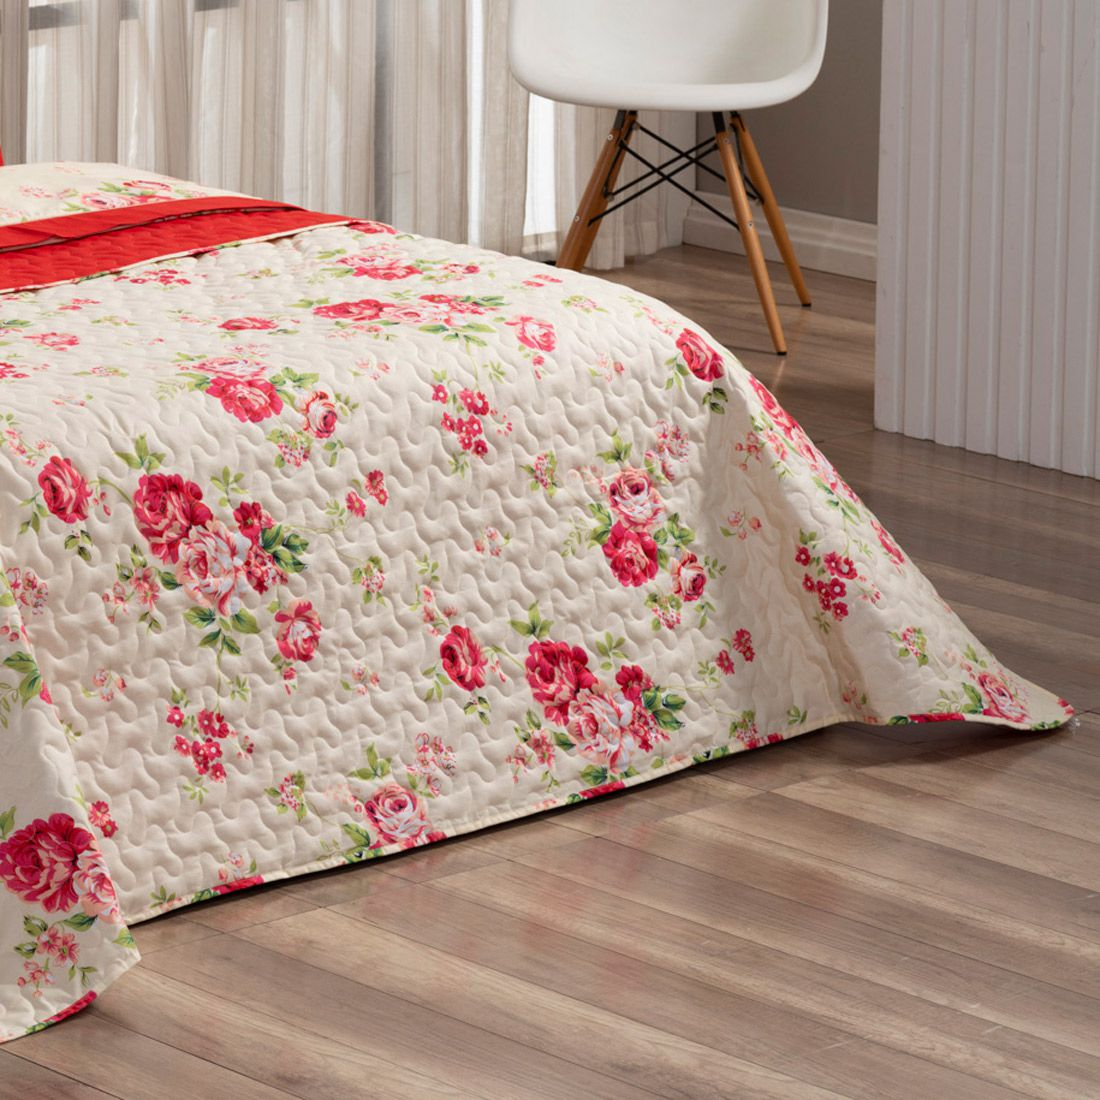 Cobre Leito Forest Floral Vermelho Super King Dupla Face Micropercal 200 fios 03 peças